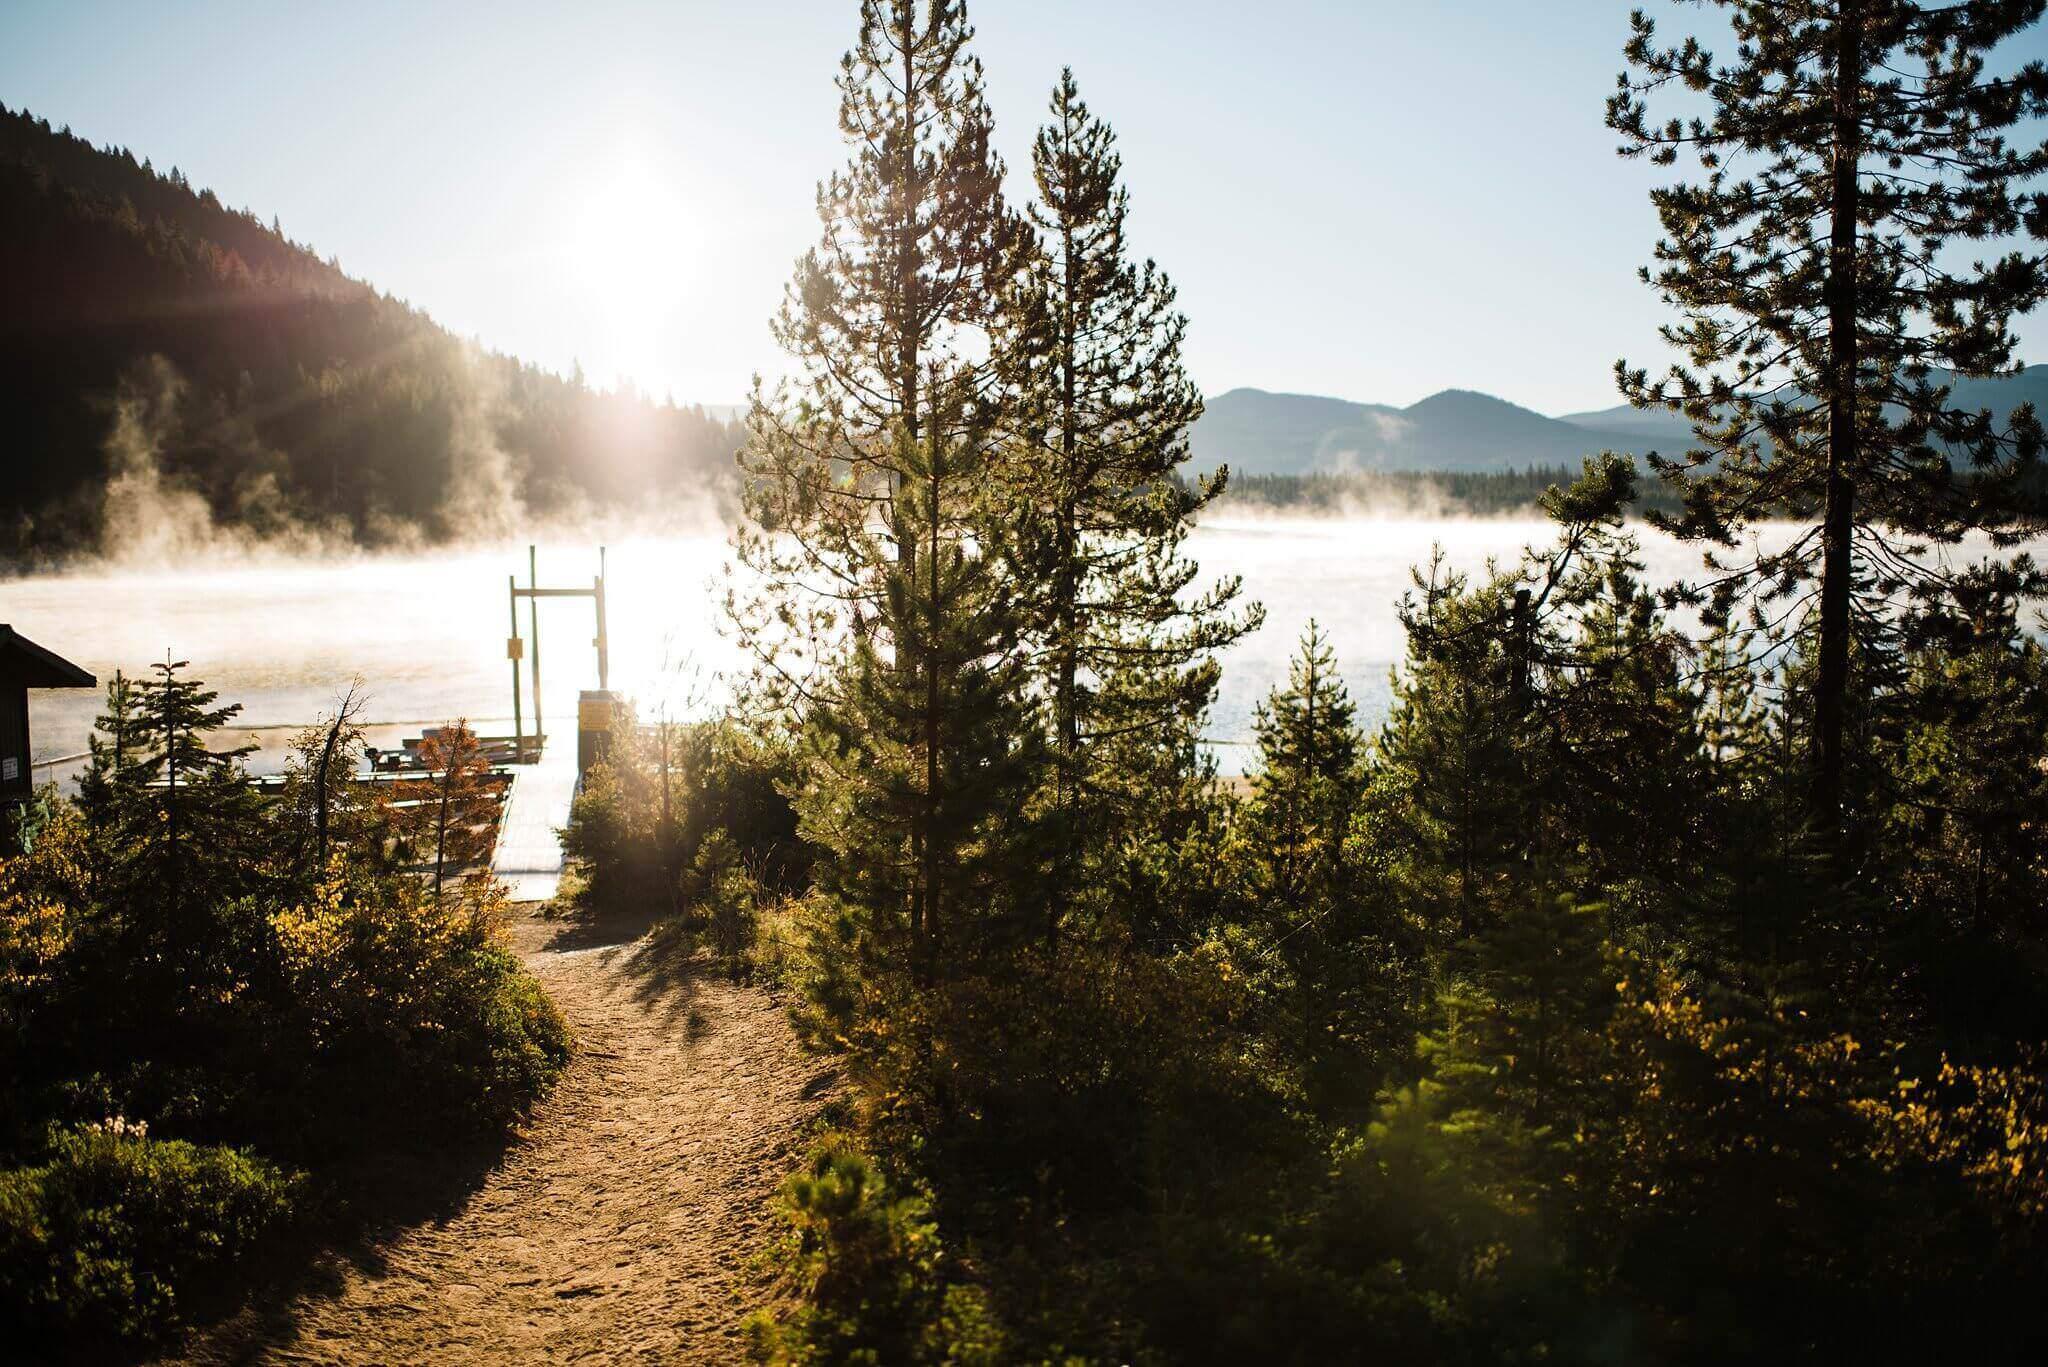 Canoe-Lake-Adventure-Engagement-Session-Oregon-Lemolo-S-Photography_0001.jpg